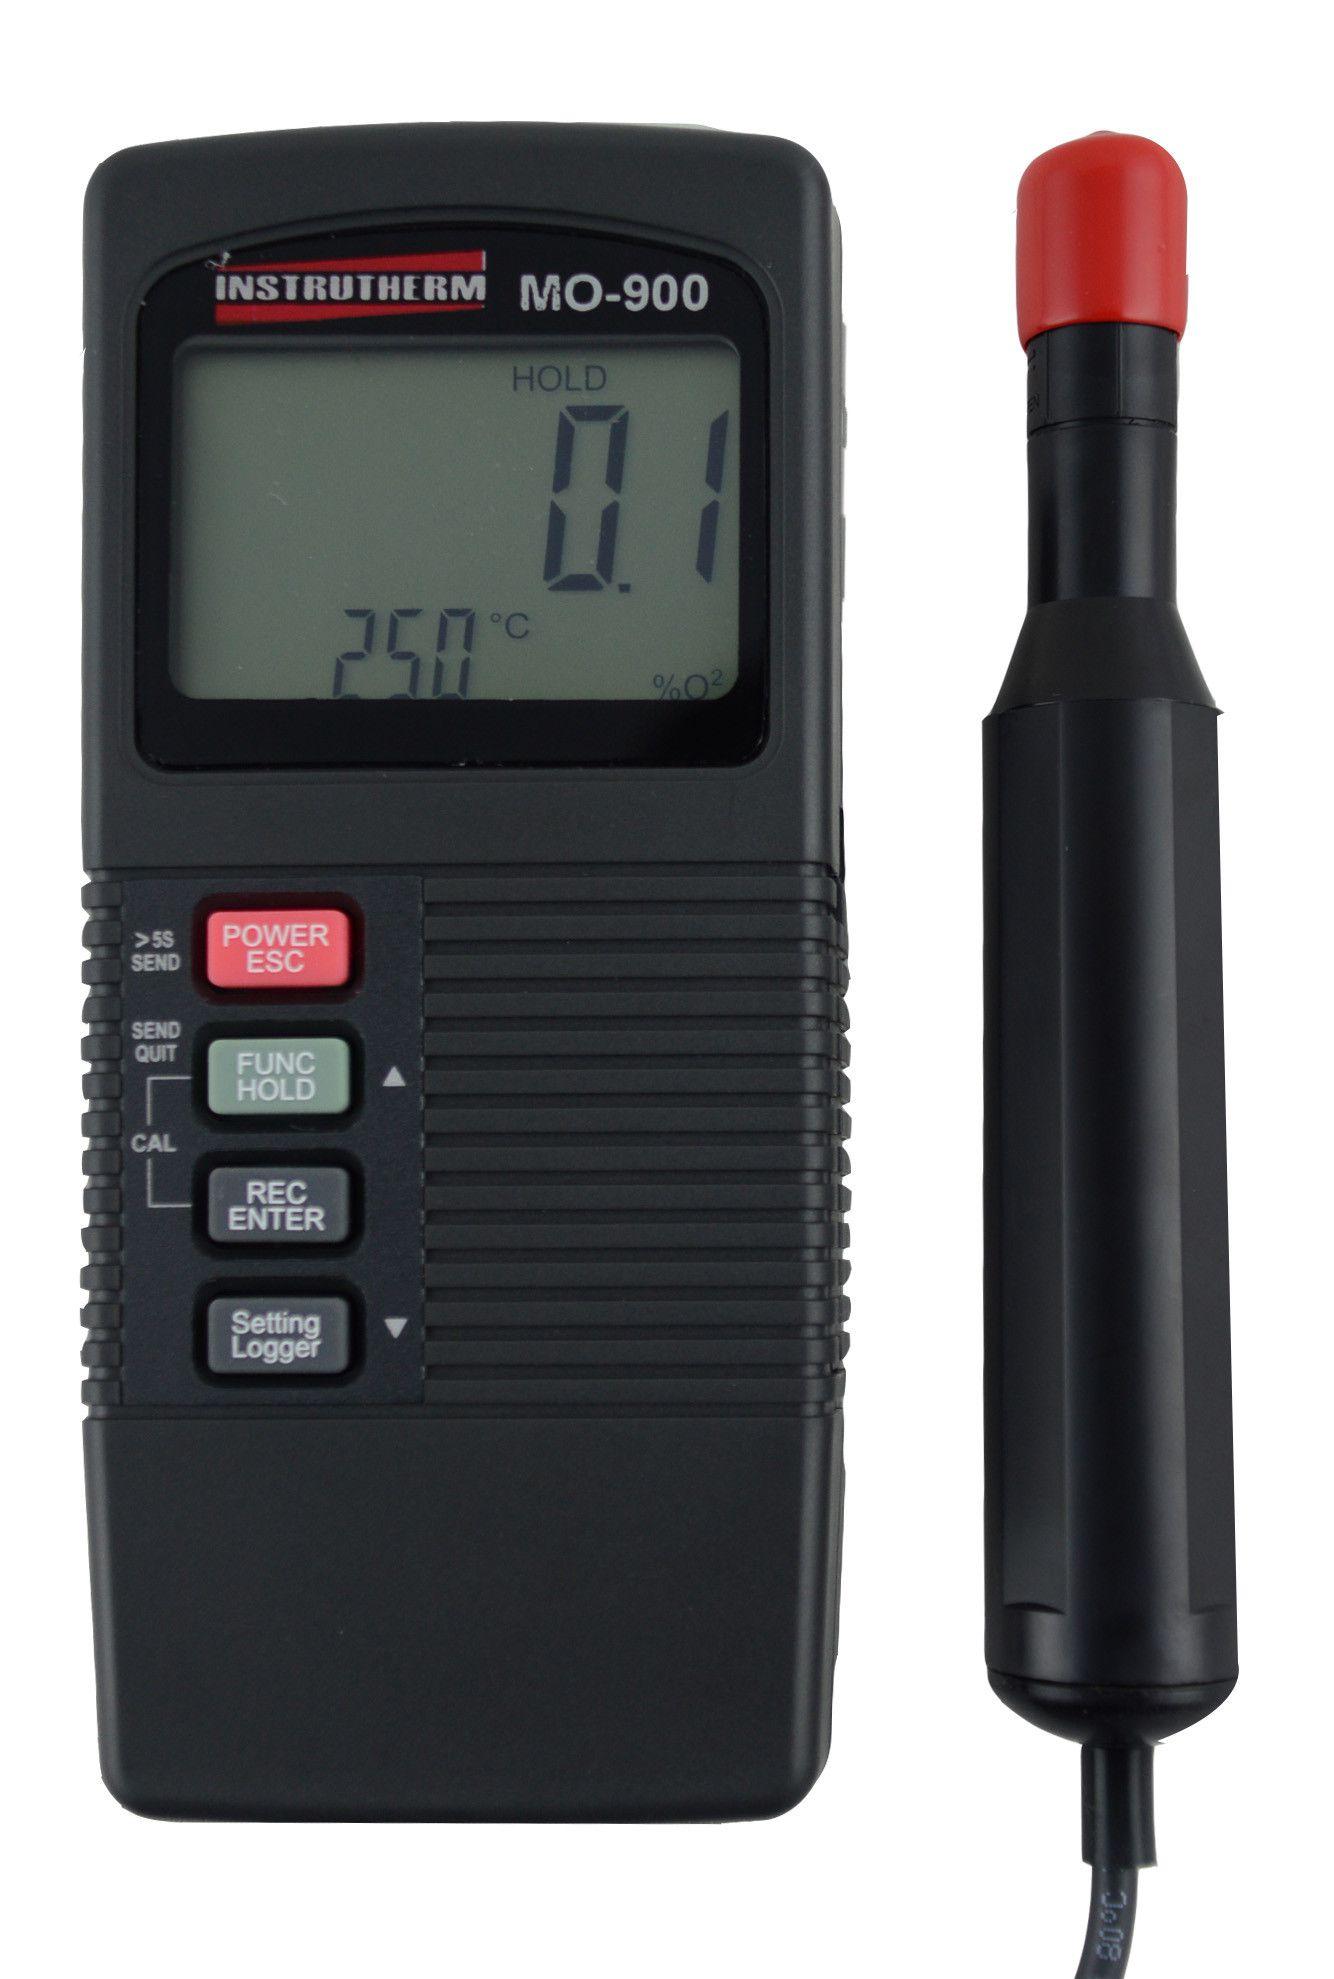 Medidor de oxigênio dissolvido digital portátil com RS232 e datalogger MOD. MO-900